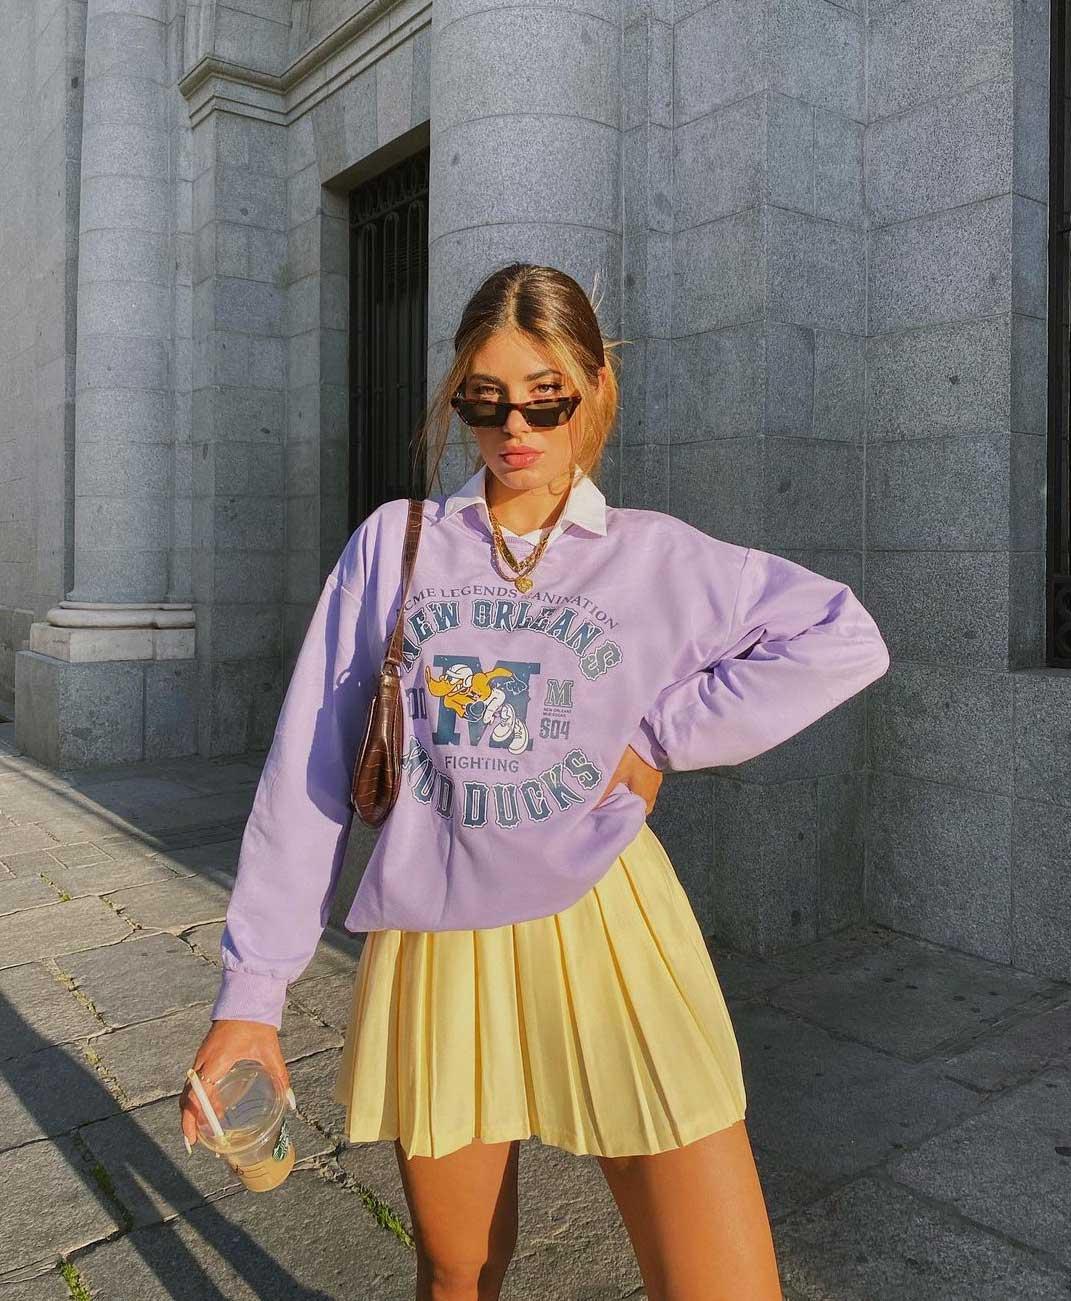 saia plissada tenista amarela moletom lilas lavanda camisa social por baixo - La sudadera grande ahora se lleva con una camisa debajo: el truco preppy que se ha convertido en tendencia